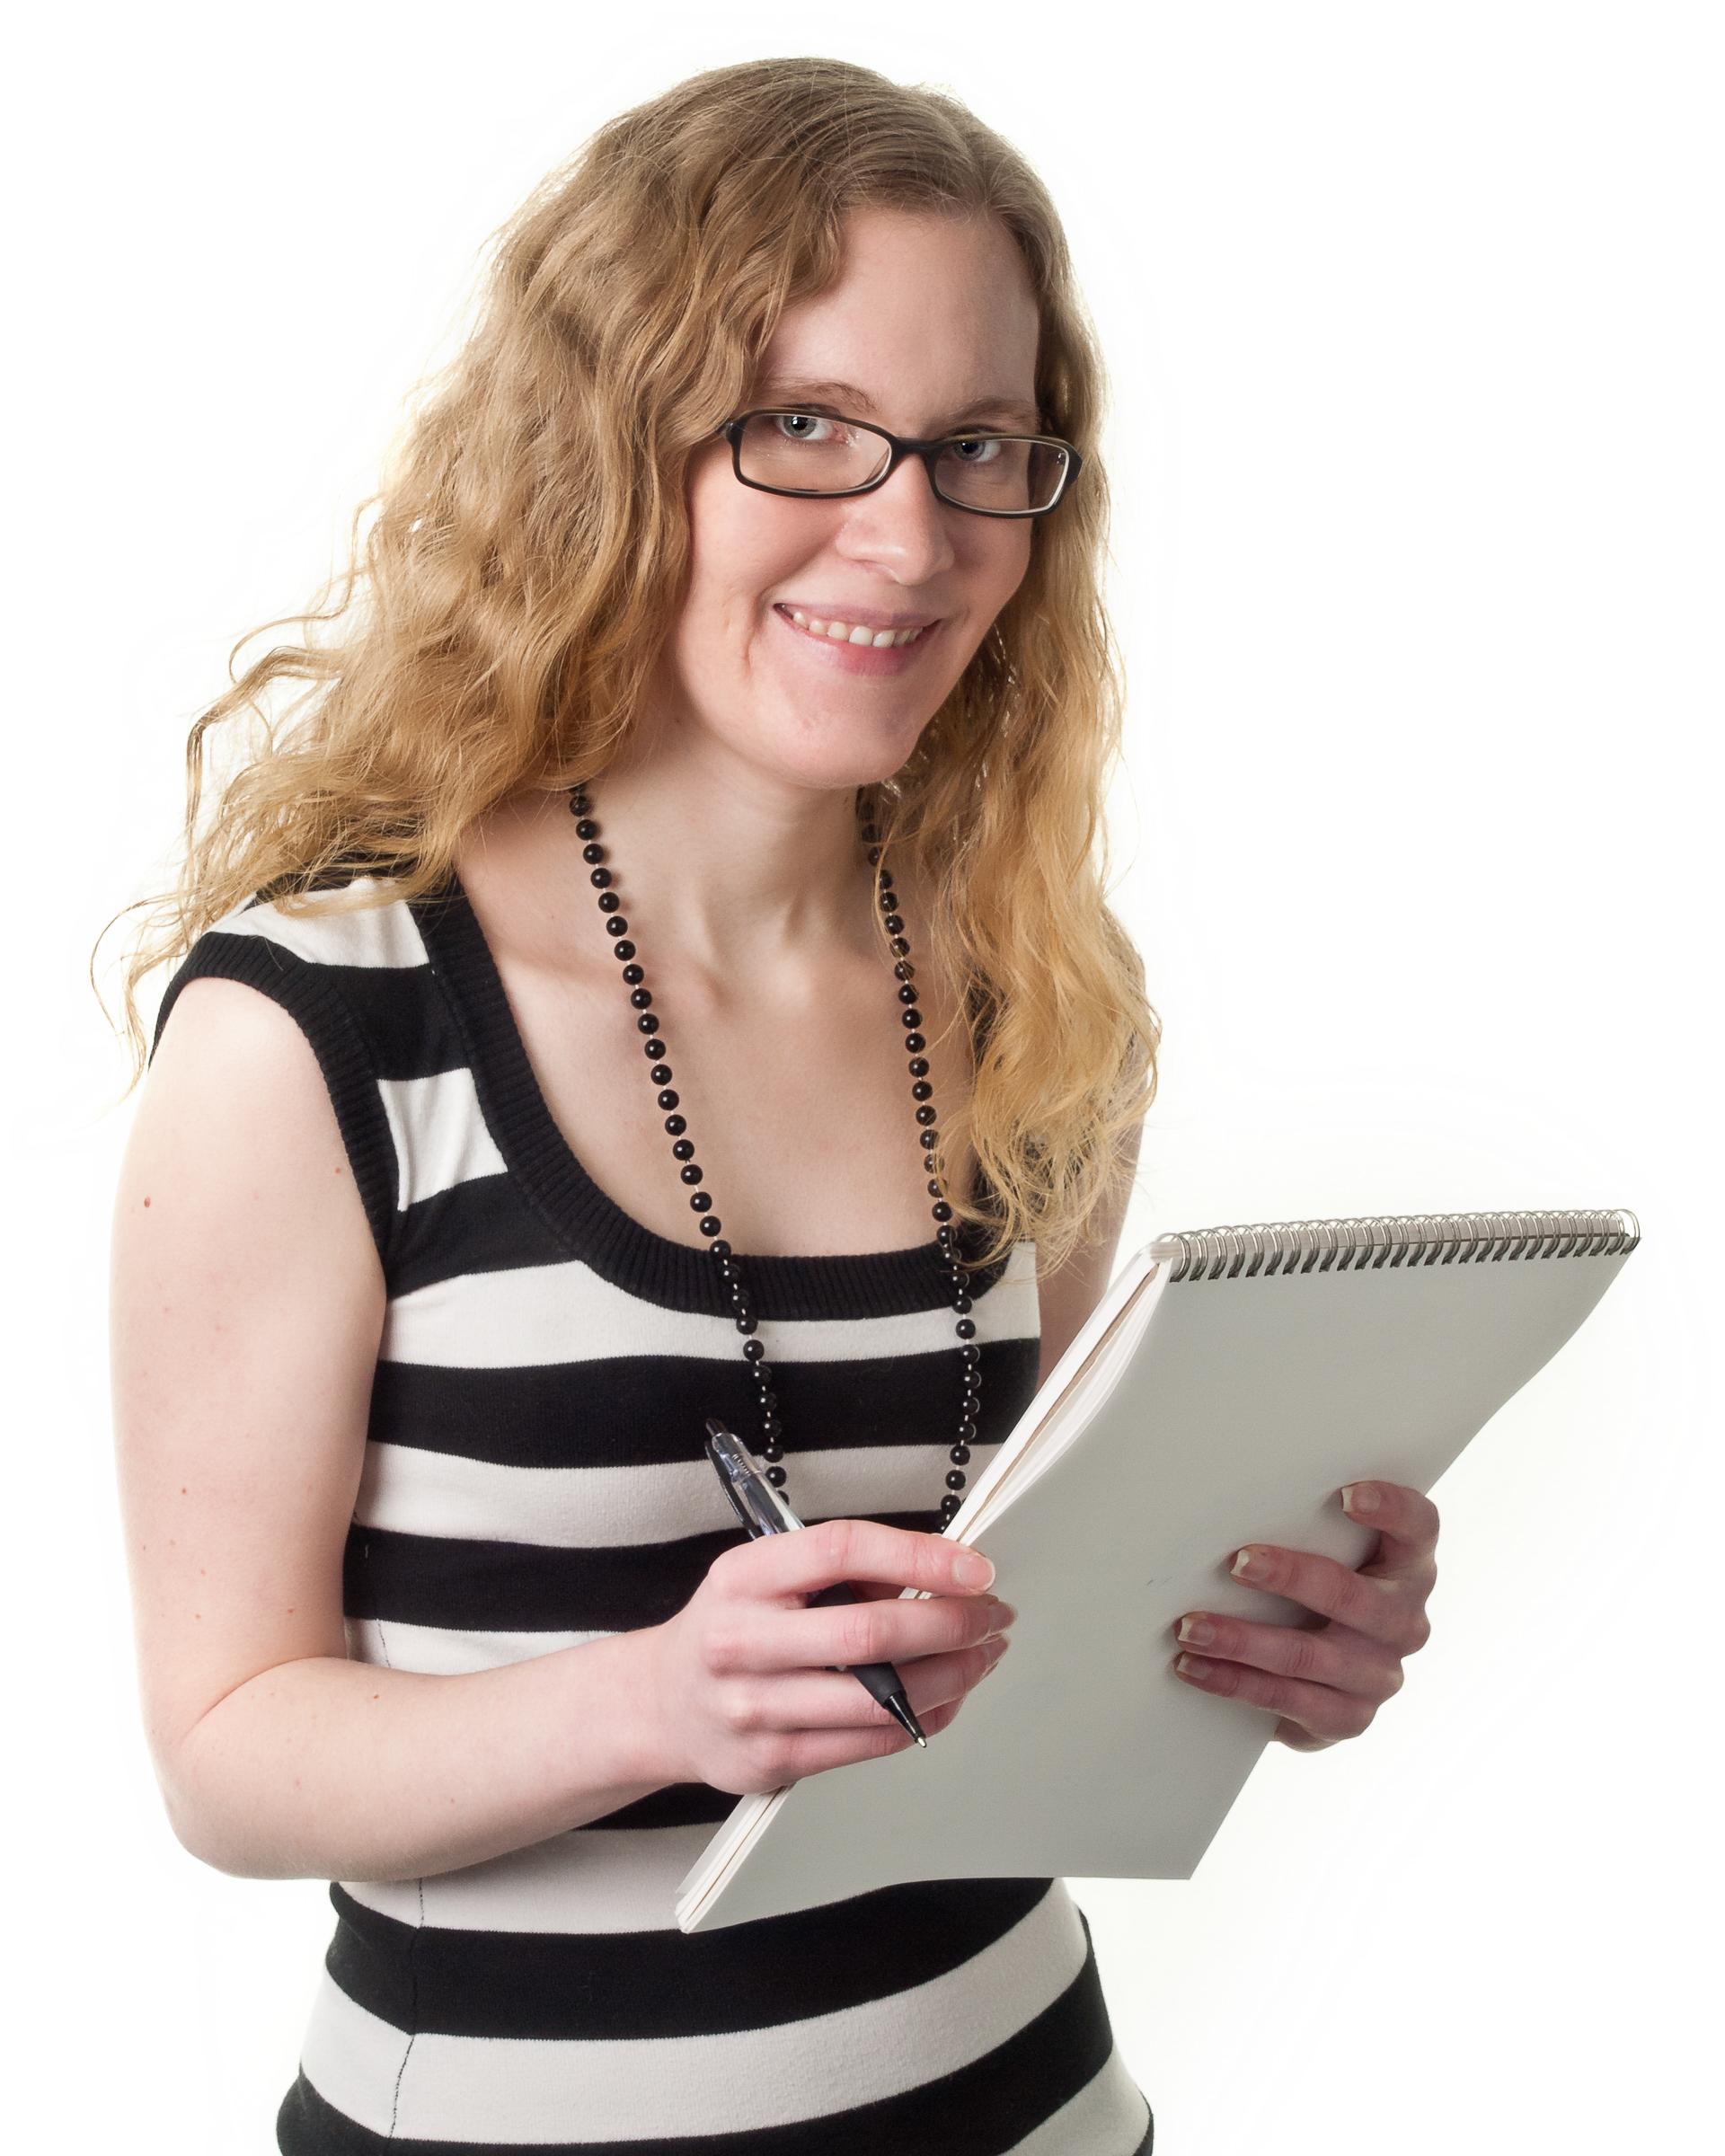 Author's publicity photo.